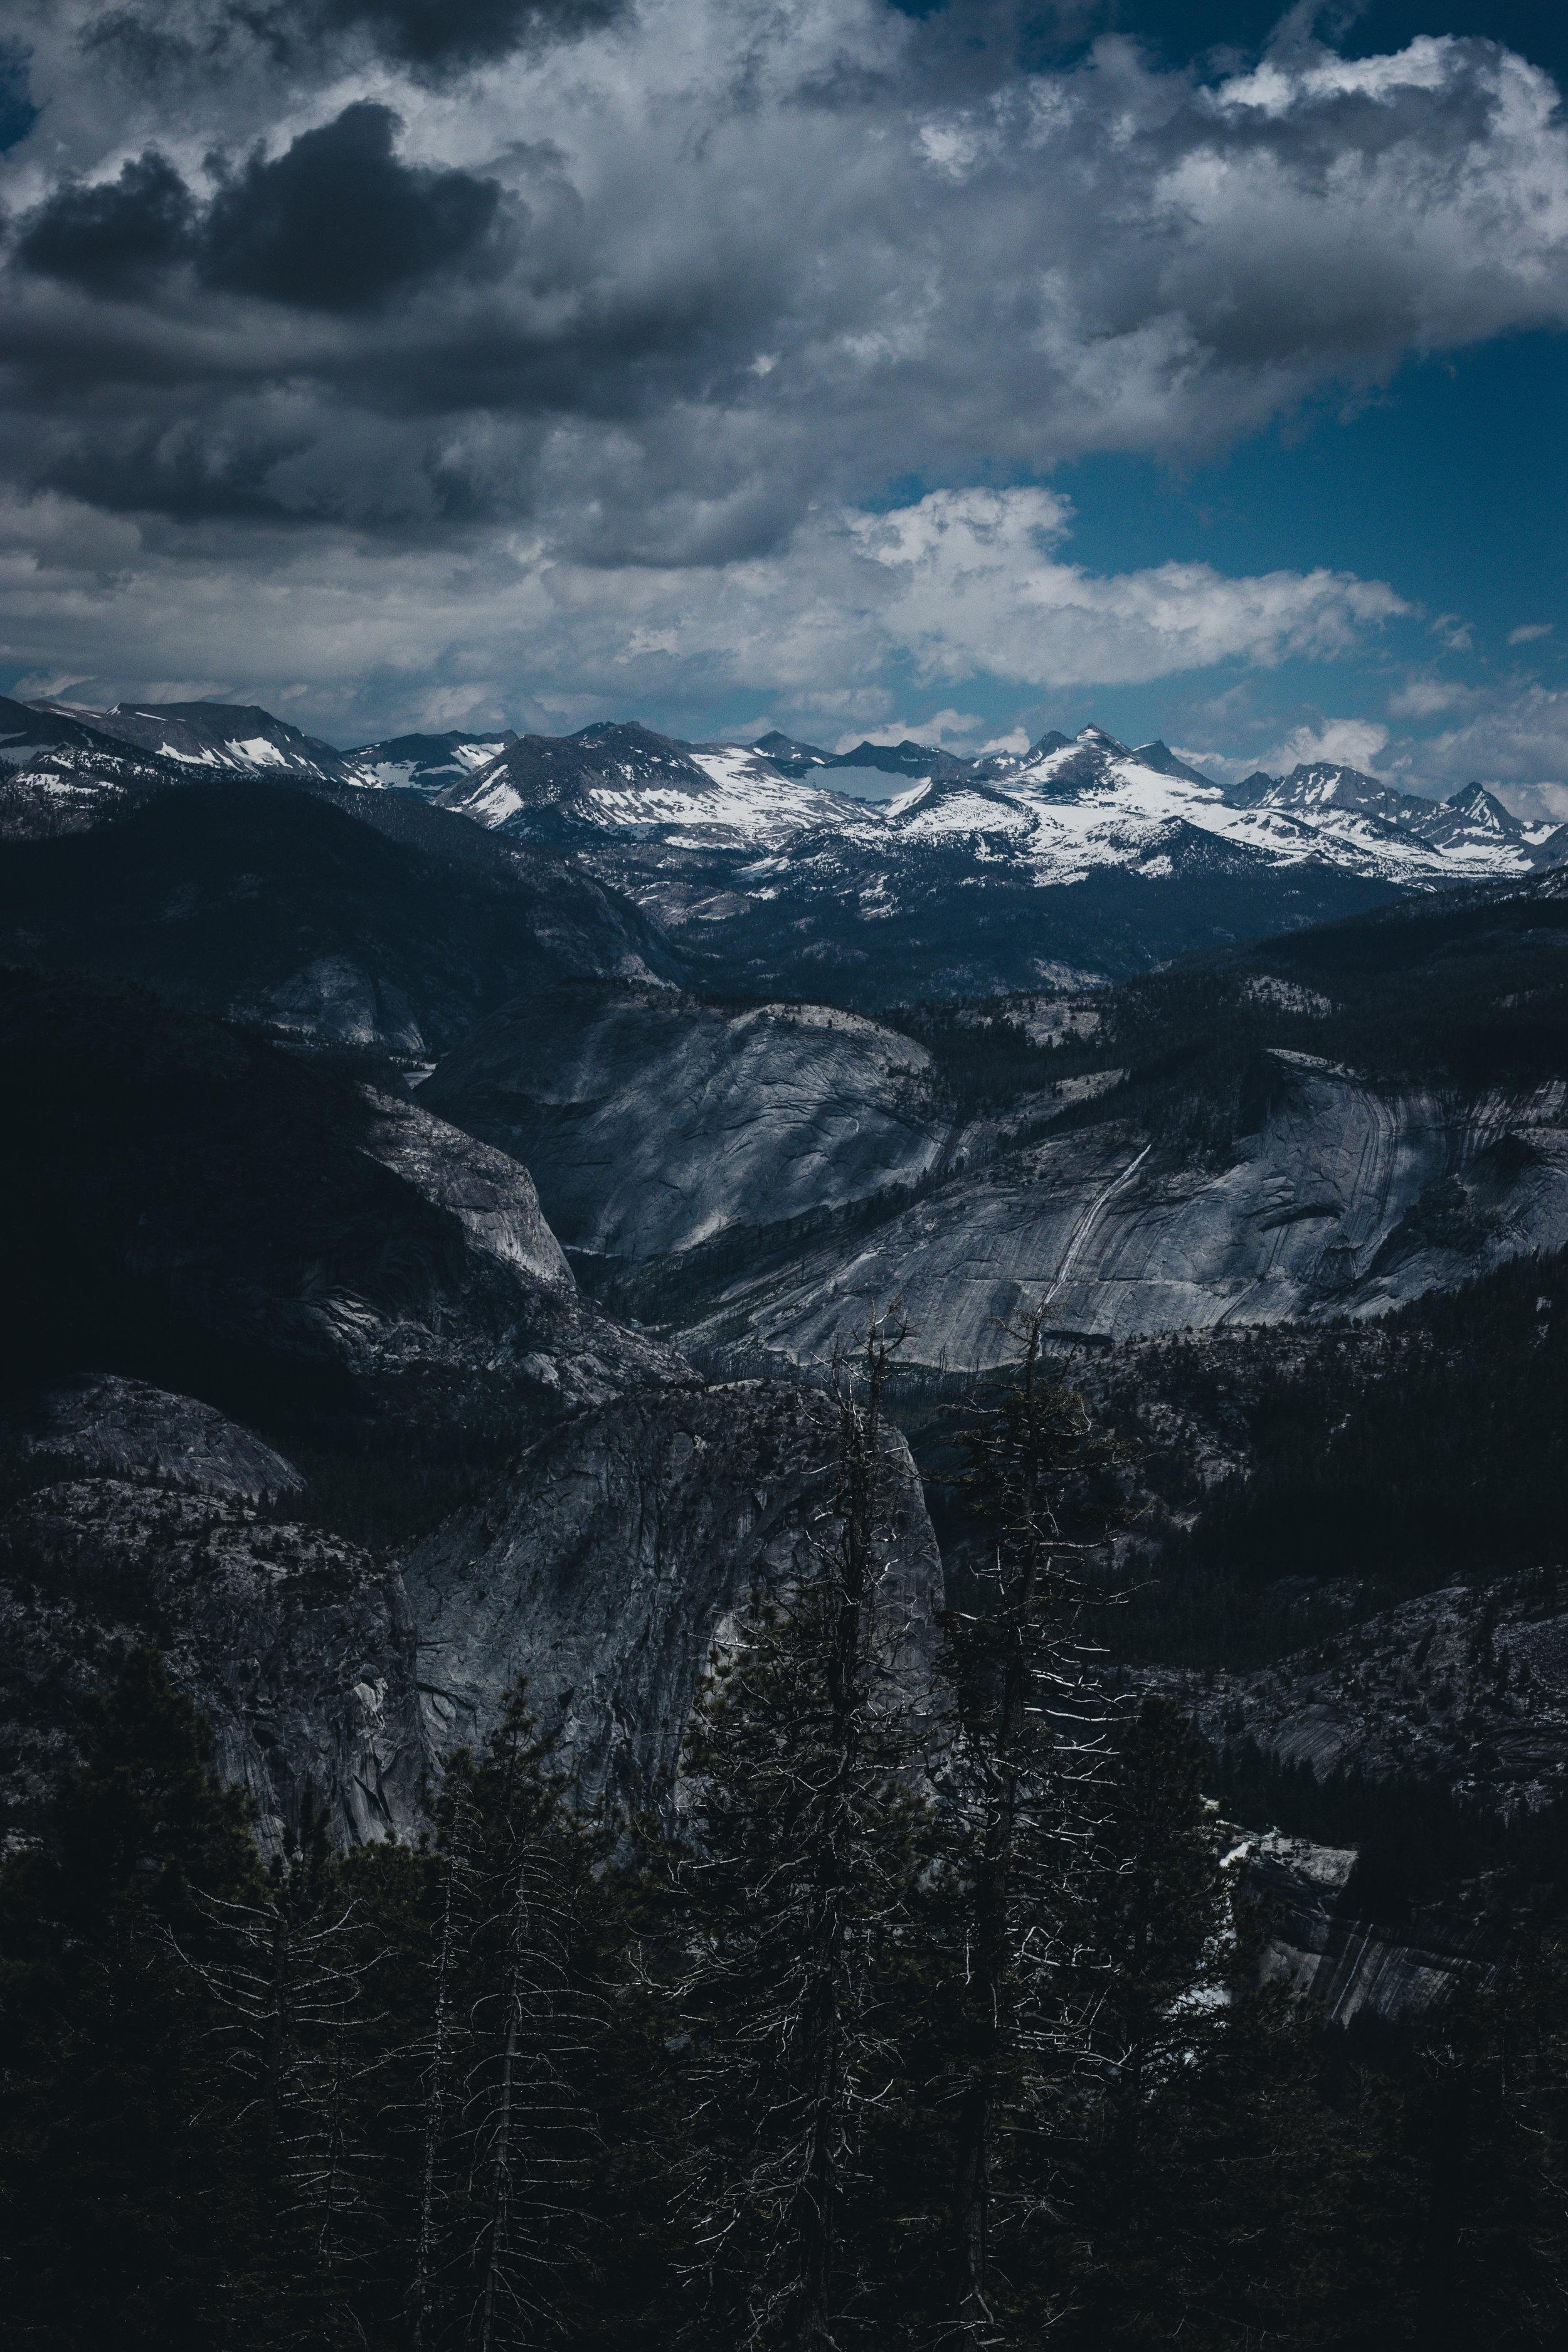 Mountains Yosemite - Herschl 4.jpg